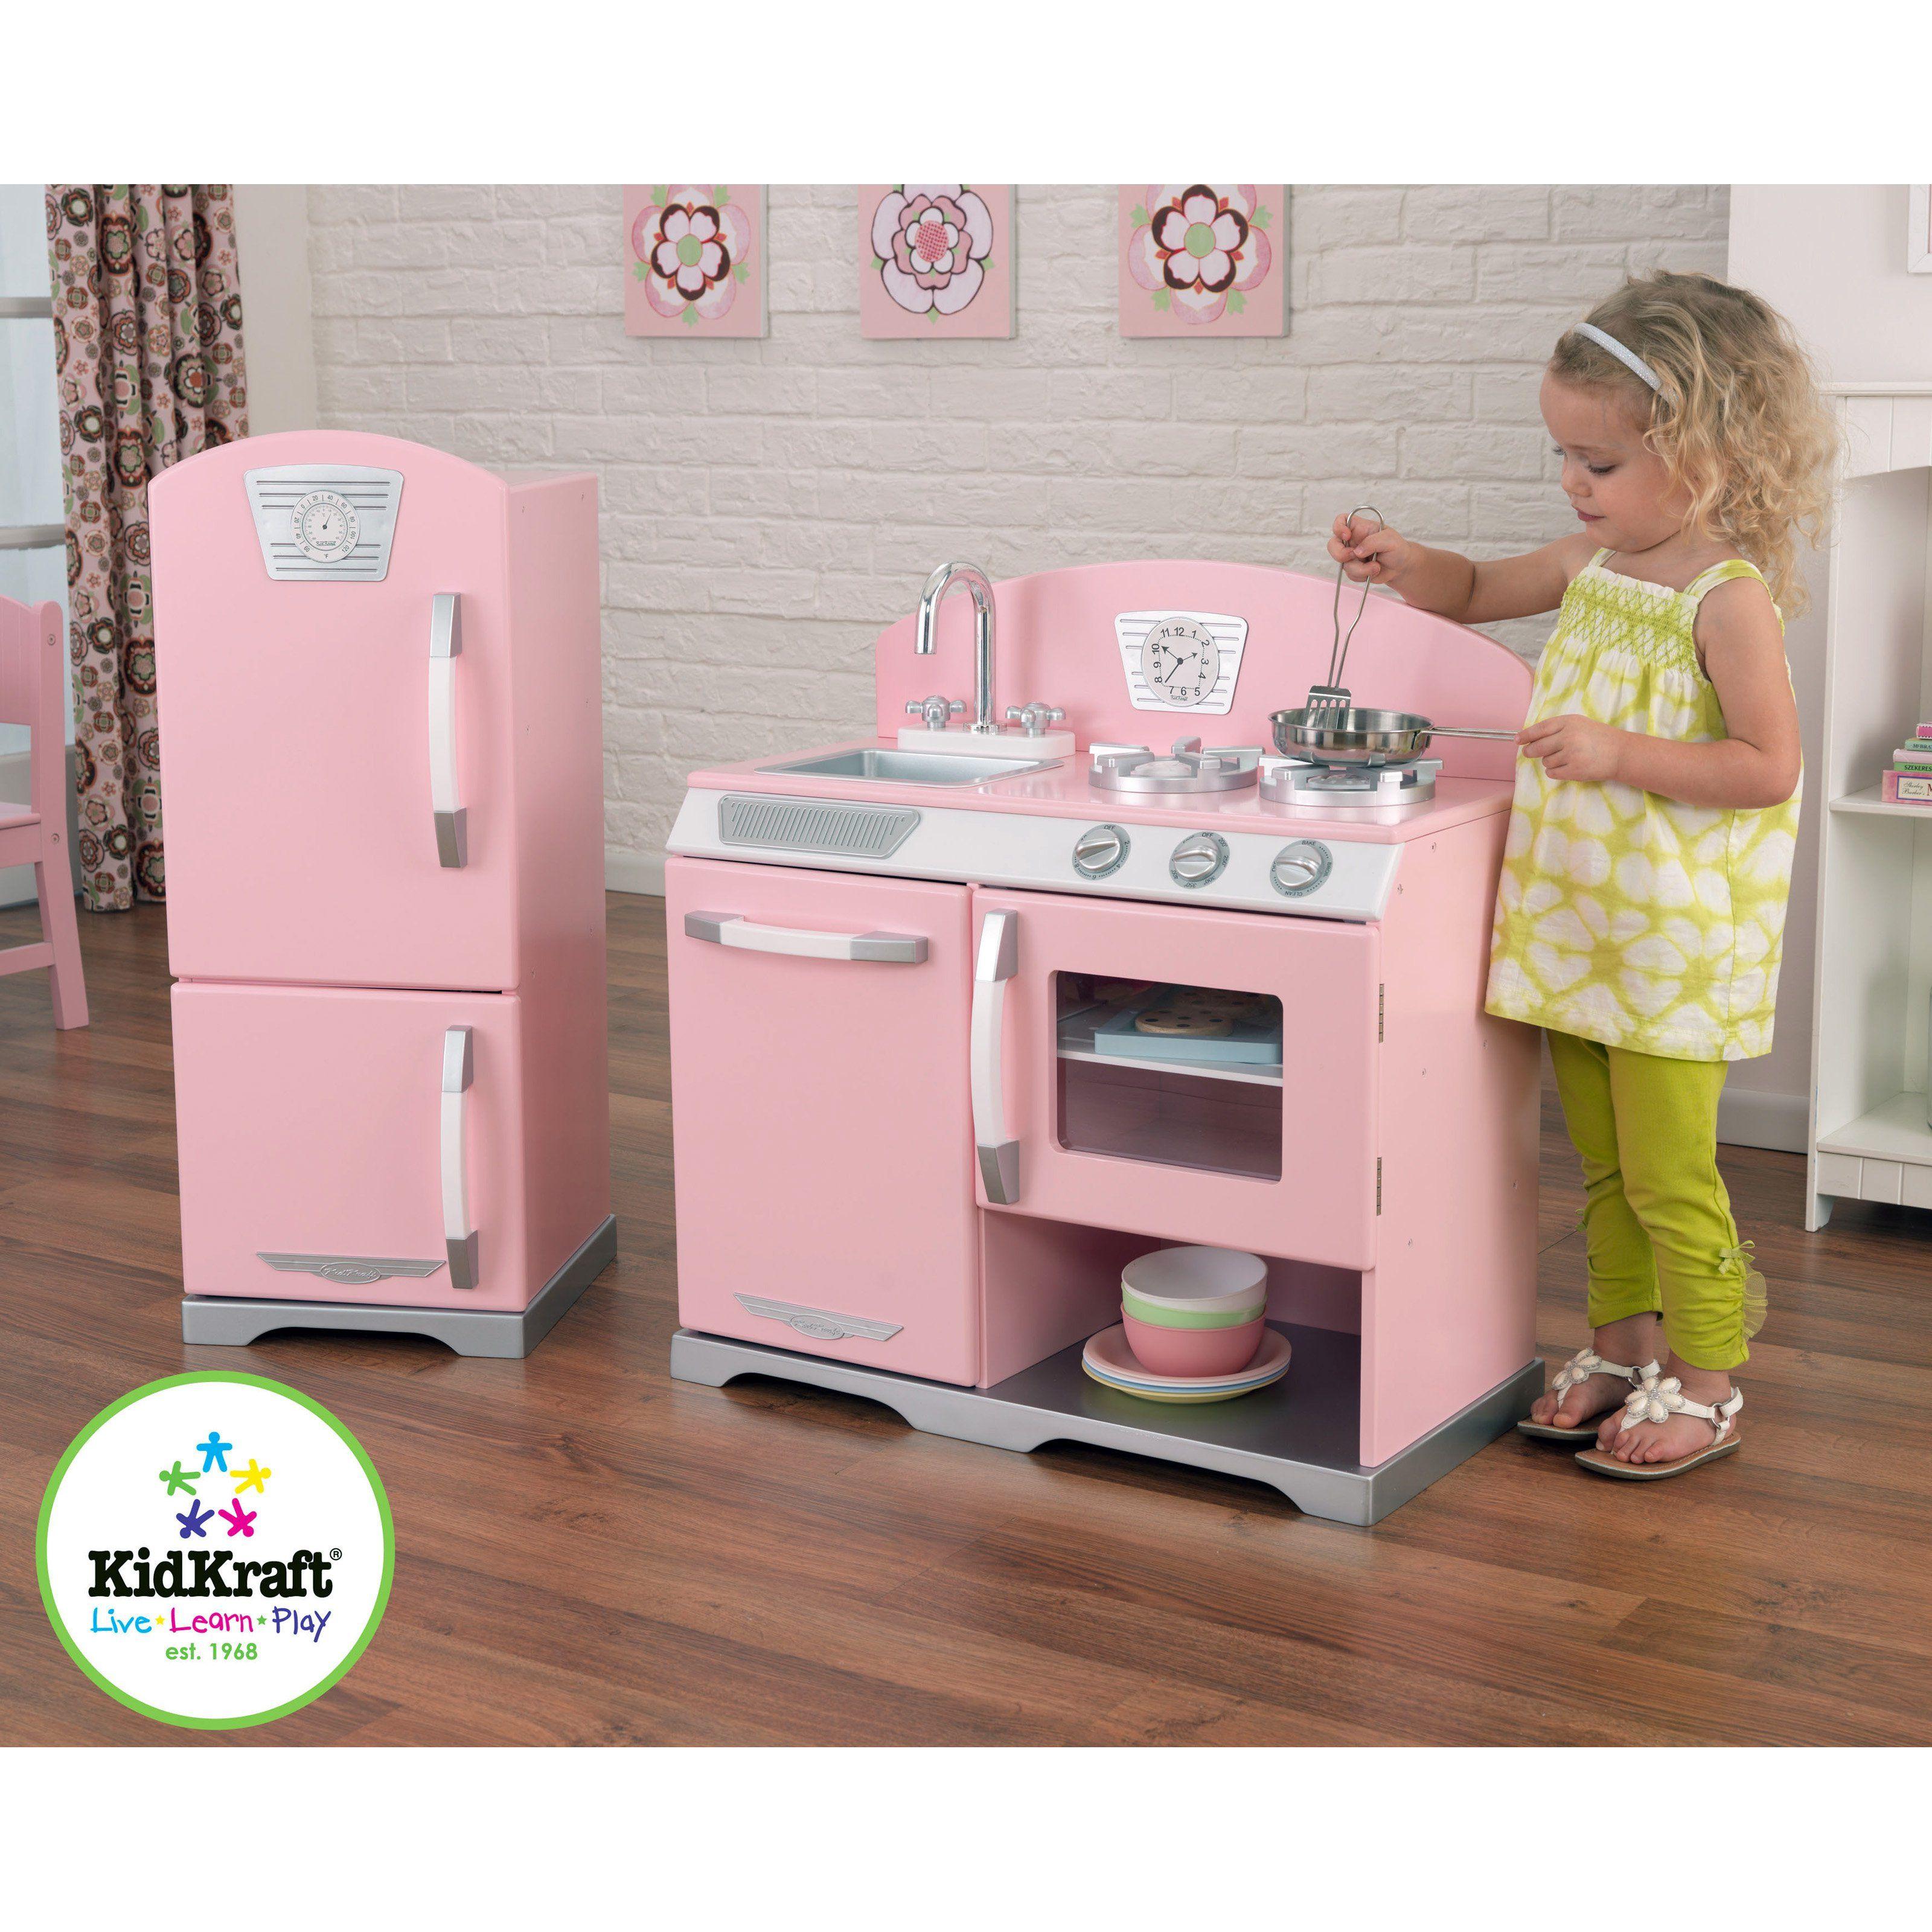 Retro Kitchens For Kids